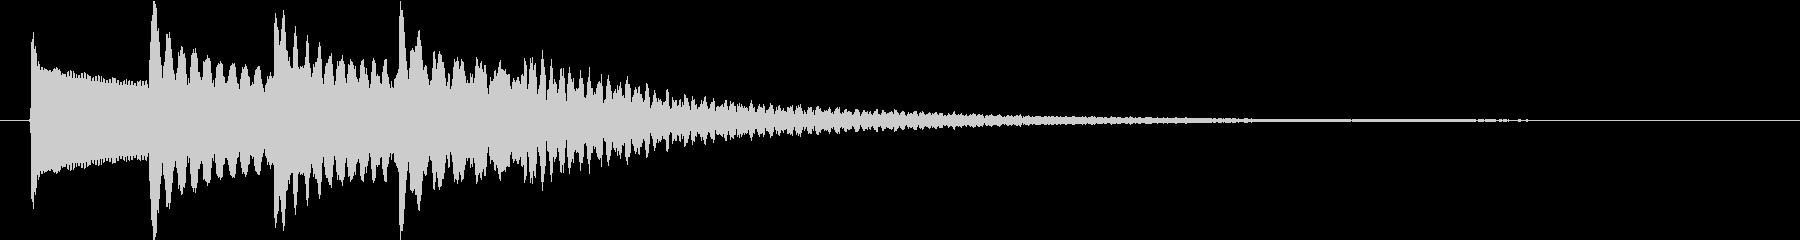 トゥルルルルン♪【オルゴール】流れ星などの未再生の波形